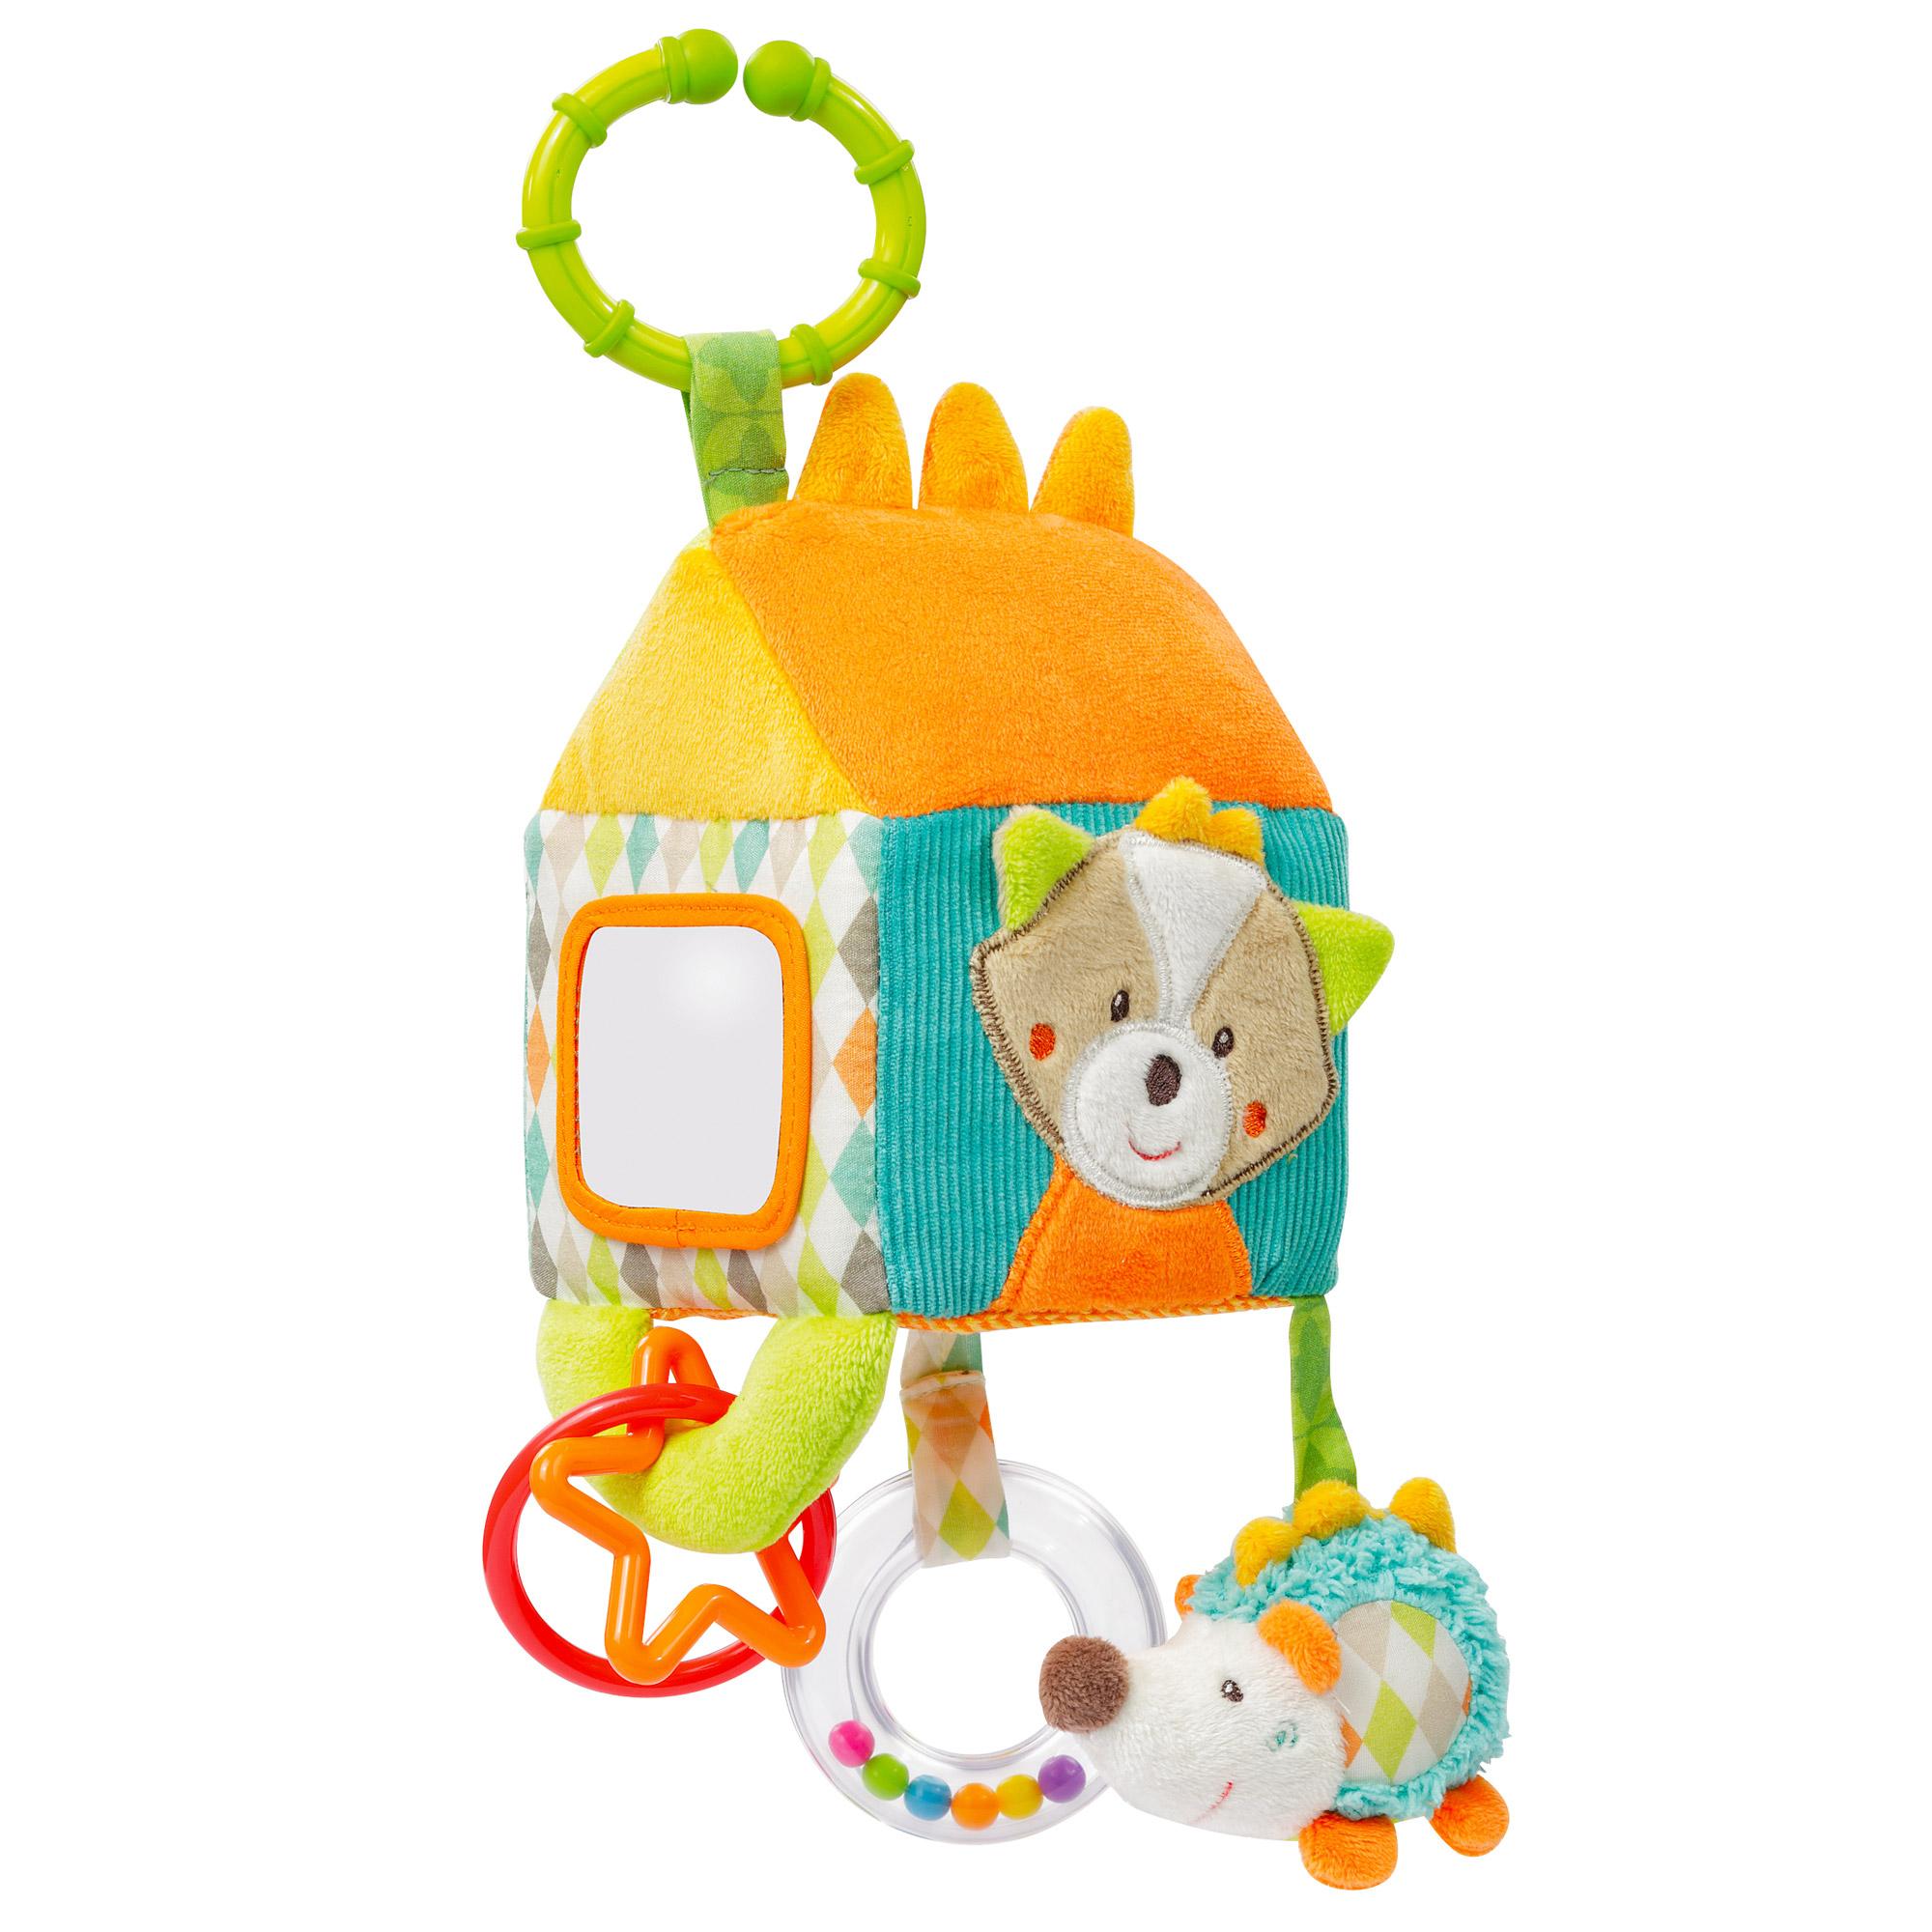 Развивающая игрушка Baby Fehn Дом  Арт.: 071122 (12 шт)